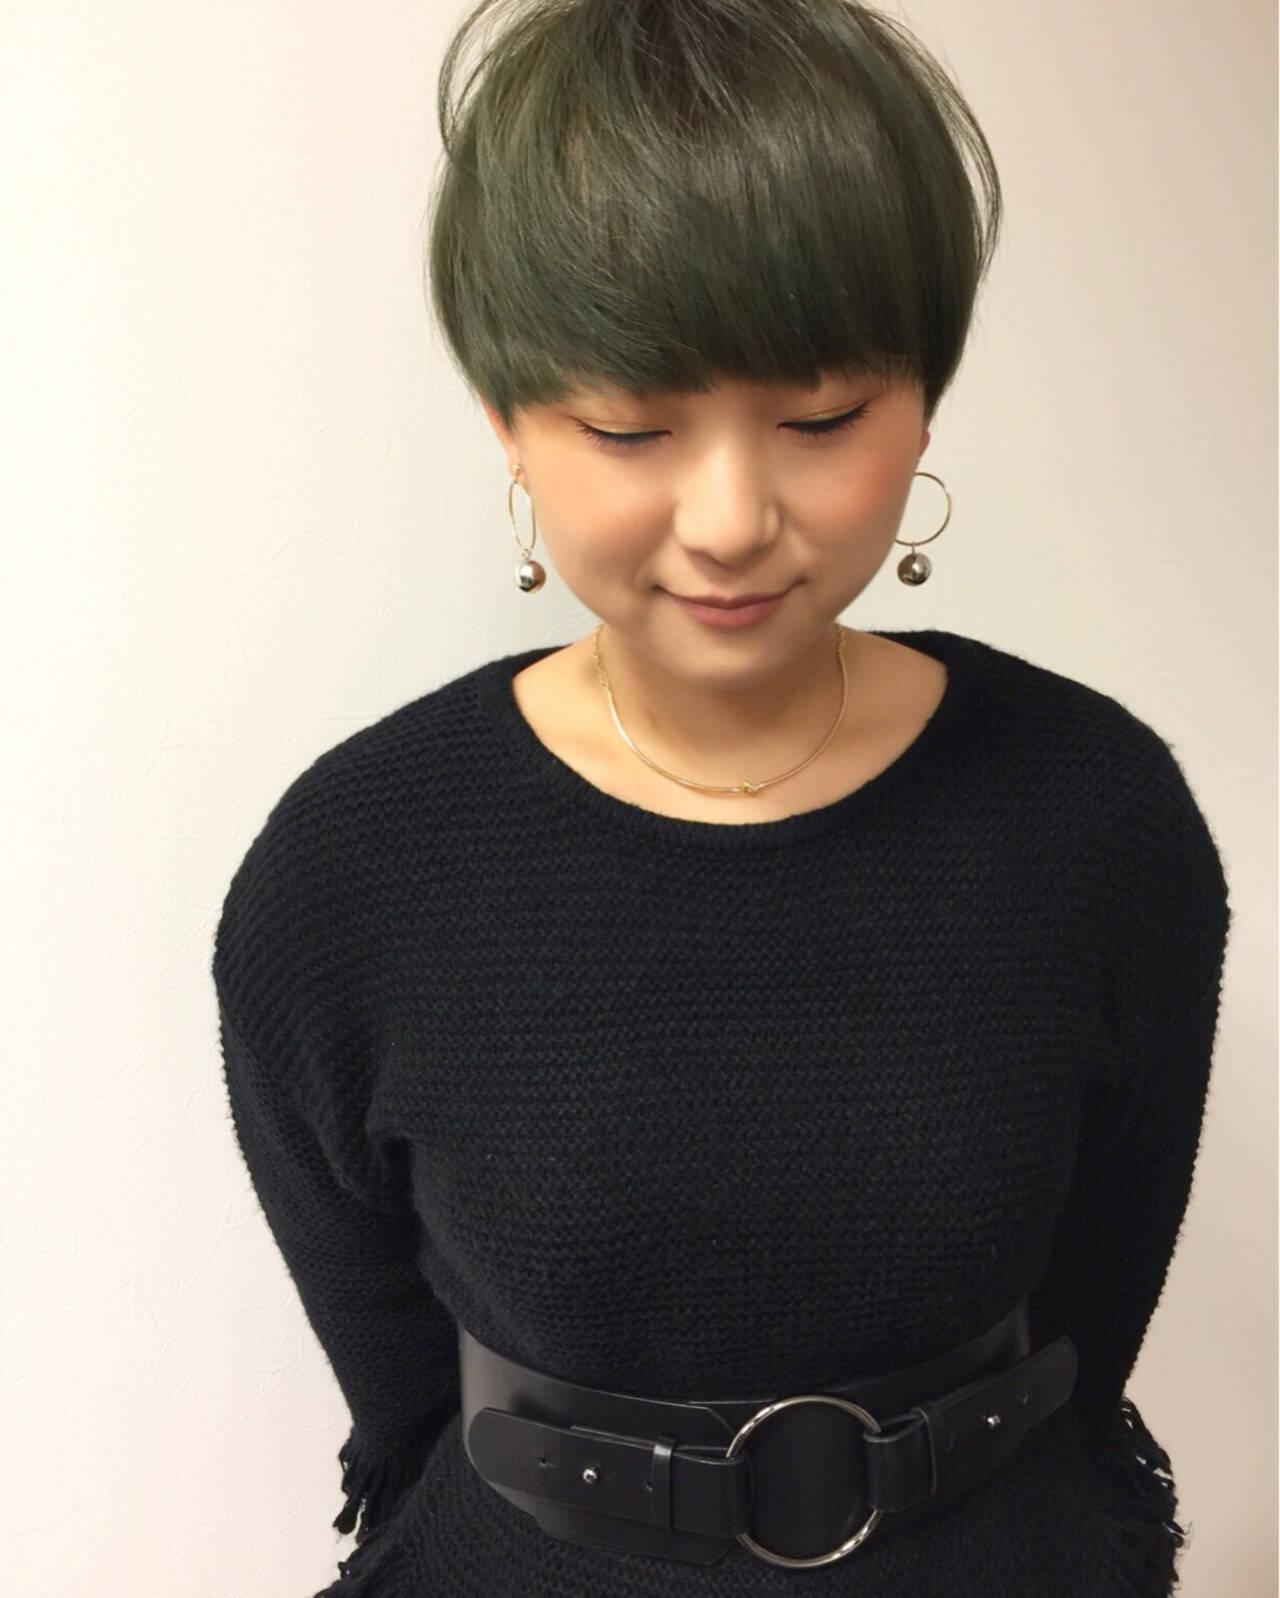 ハイトーン ショート 刈り上げ モードヘアスタイルや髪型の写真・画像